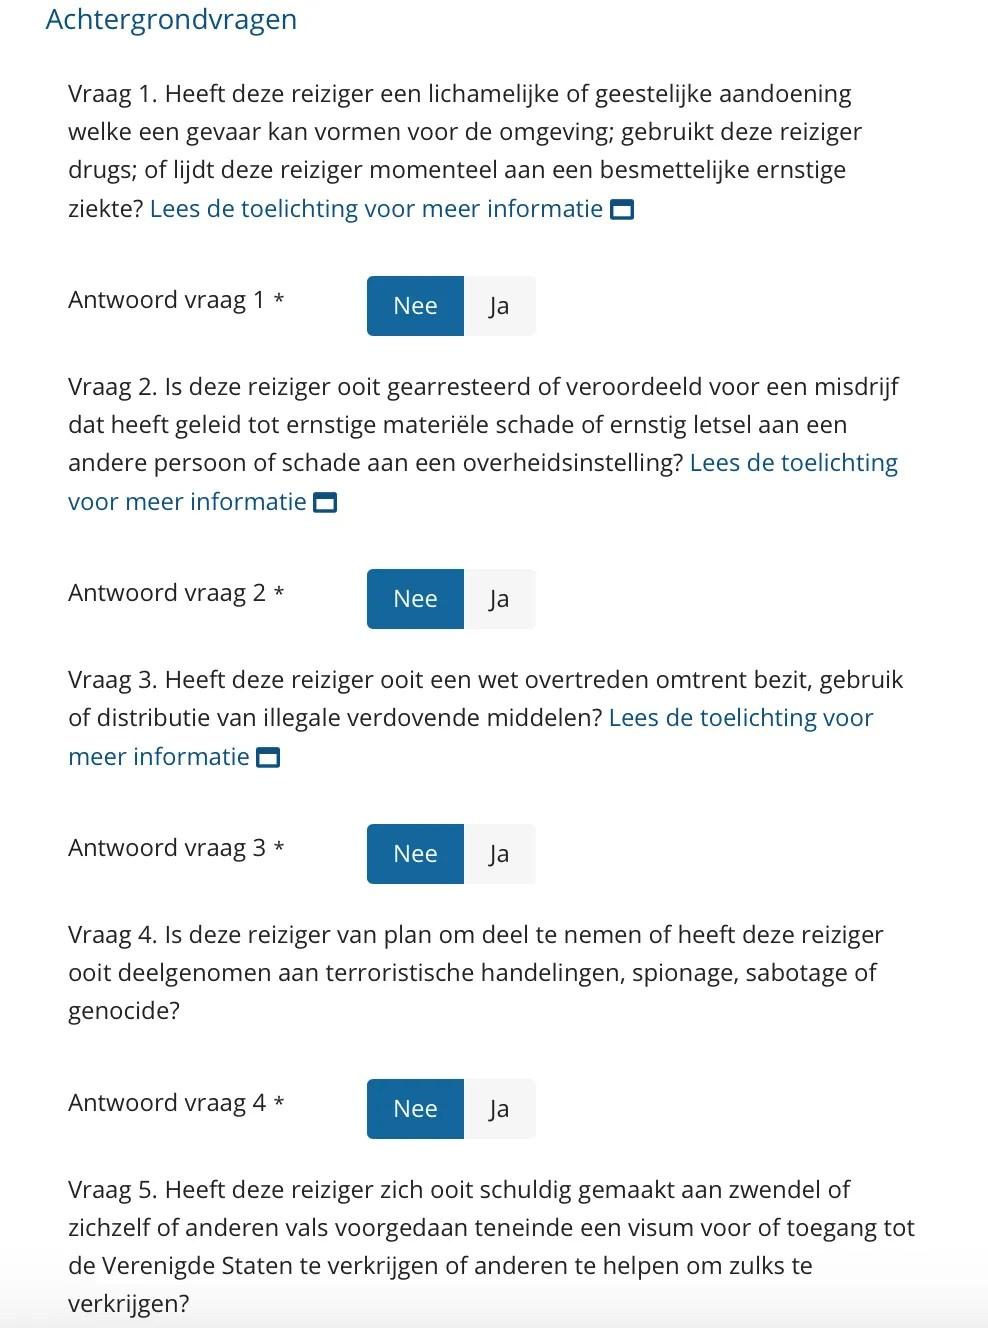 Stap voor Stap een visum aanvragen voor de Verenigde Staten